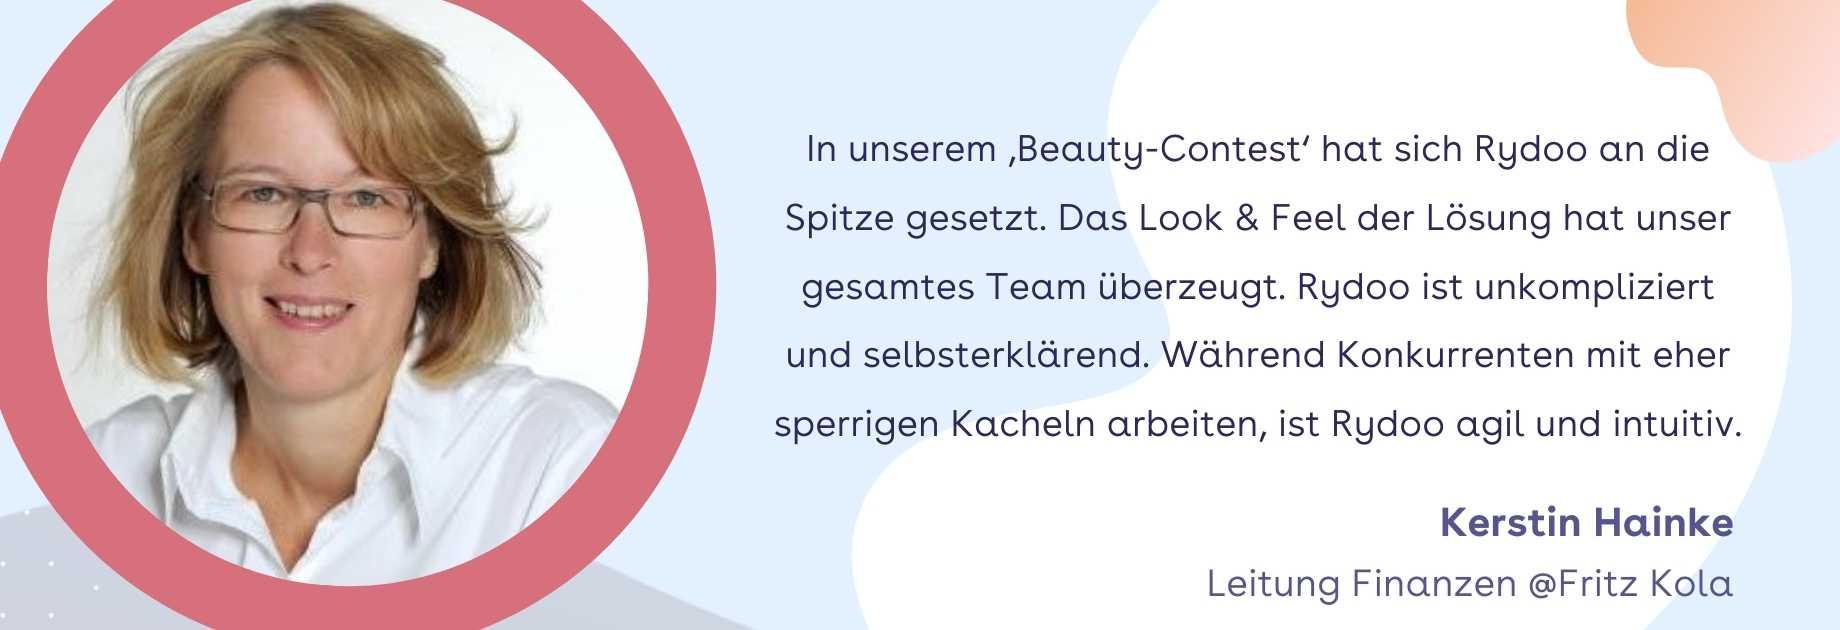 Kerstin Hainke,Leitung Finanzen @Fritz Kola: In unserem 'Beauty-Contest' hat sich Rydoo an die Spitze gesetzt. Das Look & Feel der Lösung hat unser gesamtes Team überzeugt. Rydoo ist unkompliziert und selbsterklärend. Während Konkurrenten mit eher sperrigen Kacheln arbeiten, ist Rydoo agil und intuitiv.